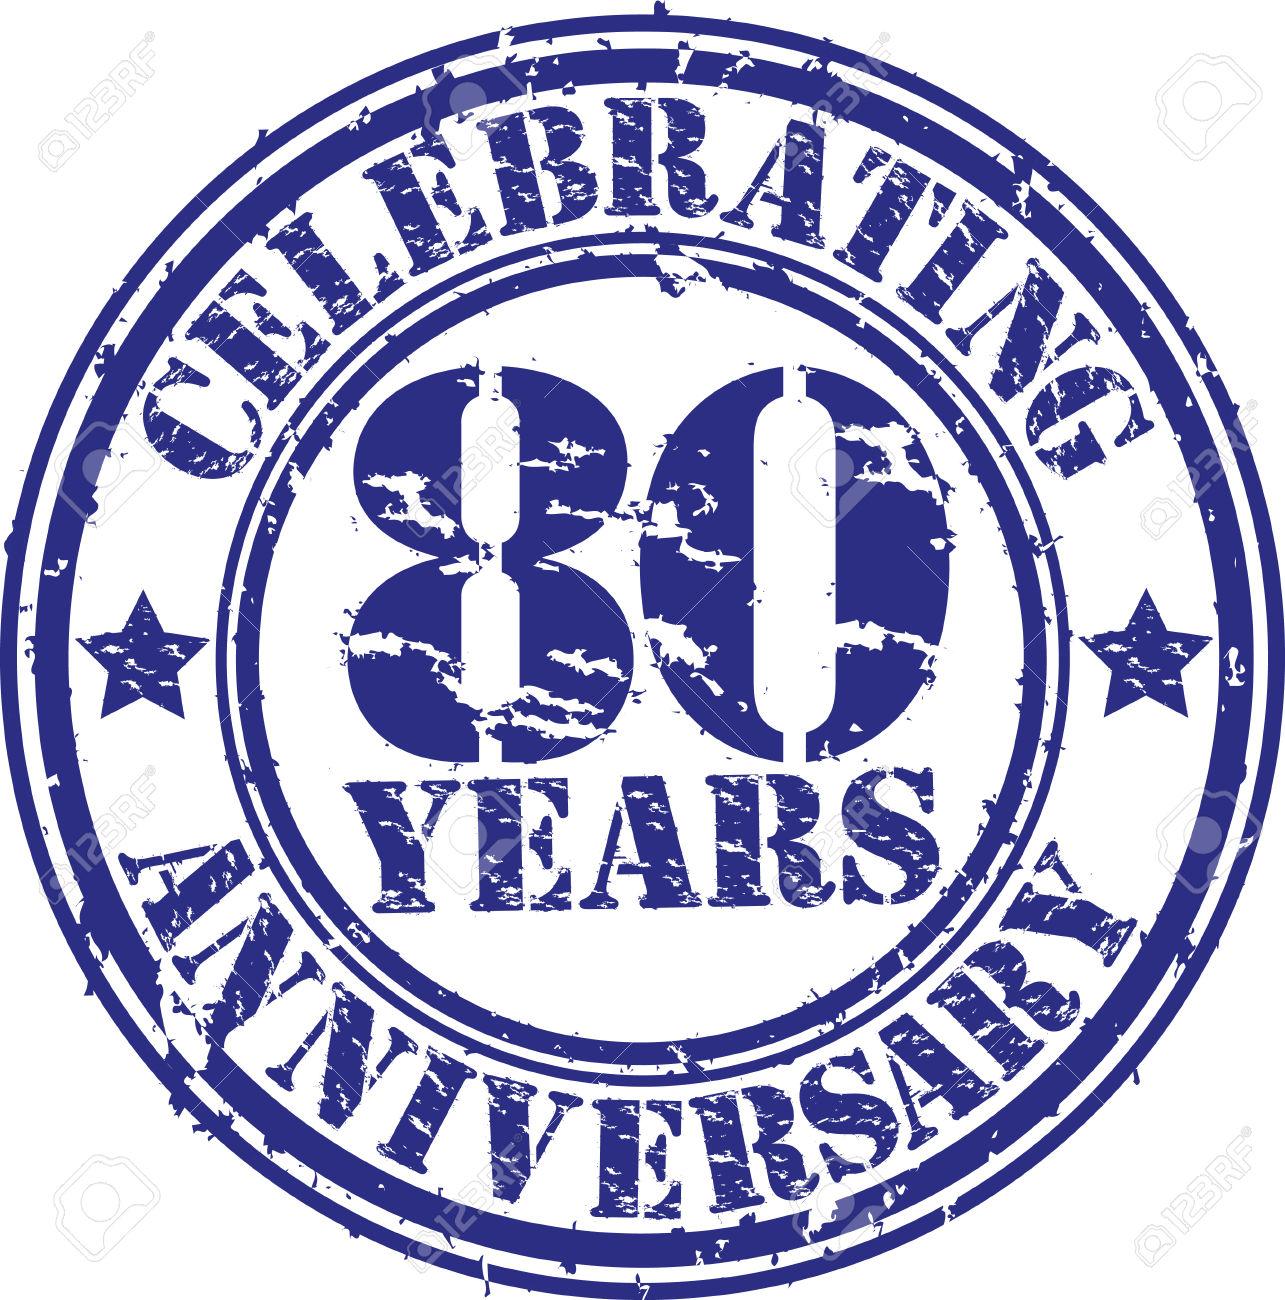 Célébration De 80 Ans D'anniversaire Timbre En Caoutchouc Grunge ... png free download